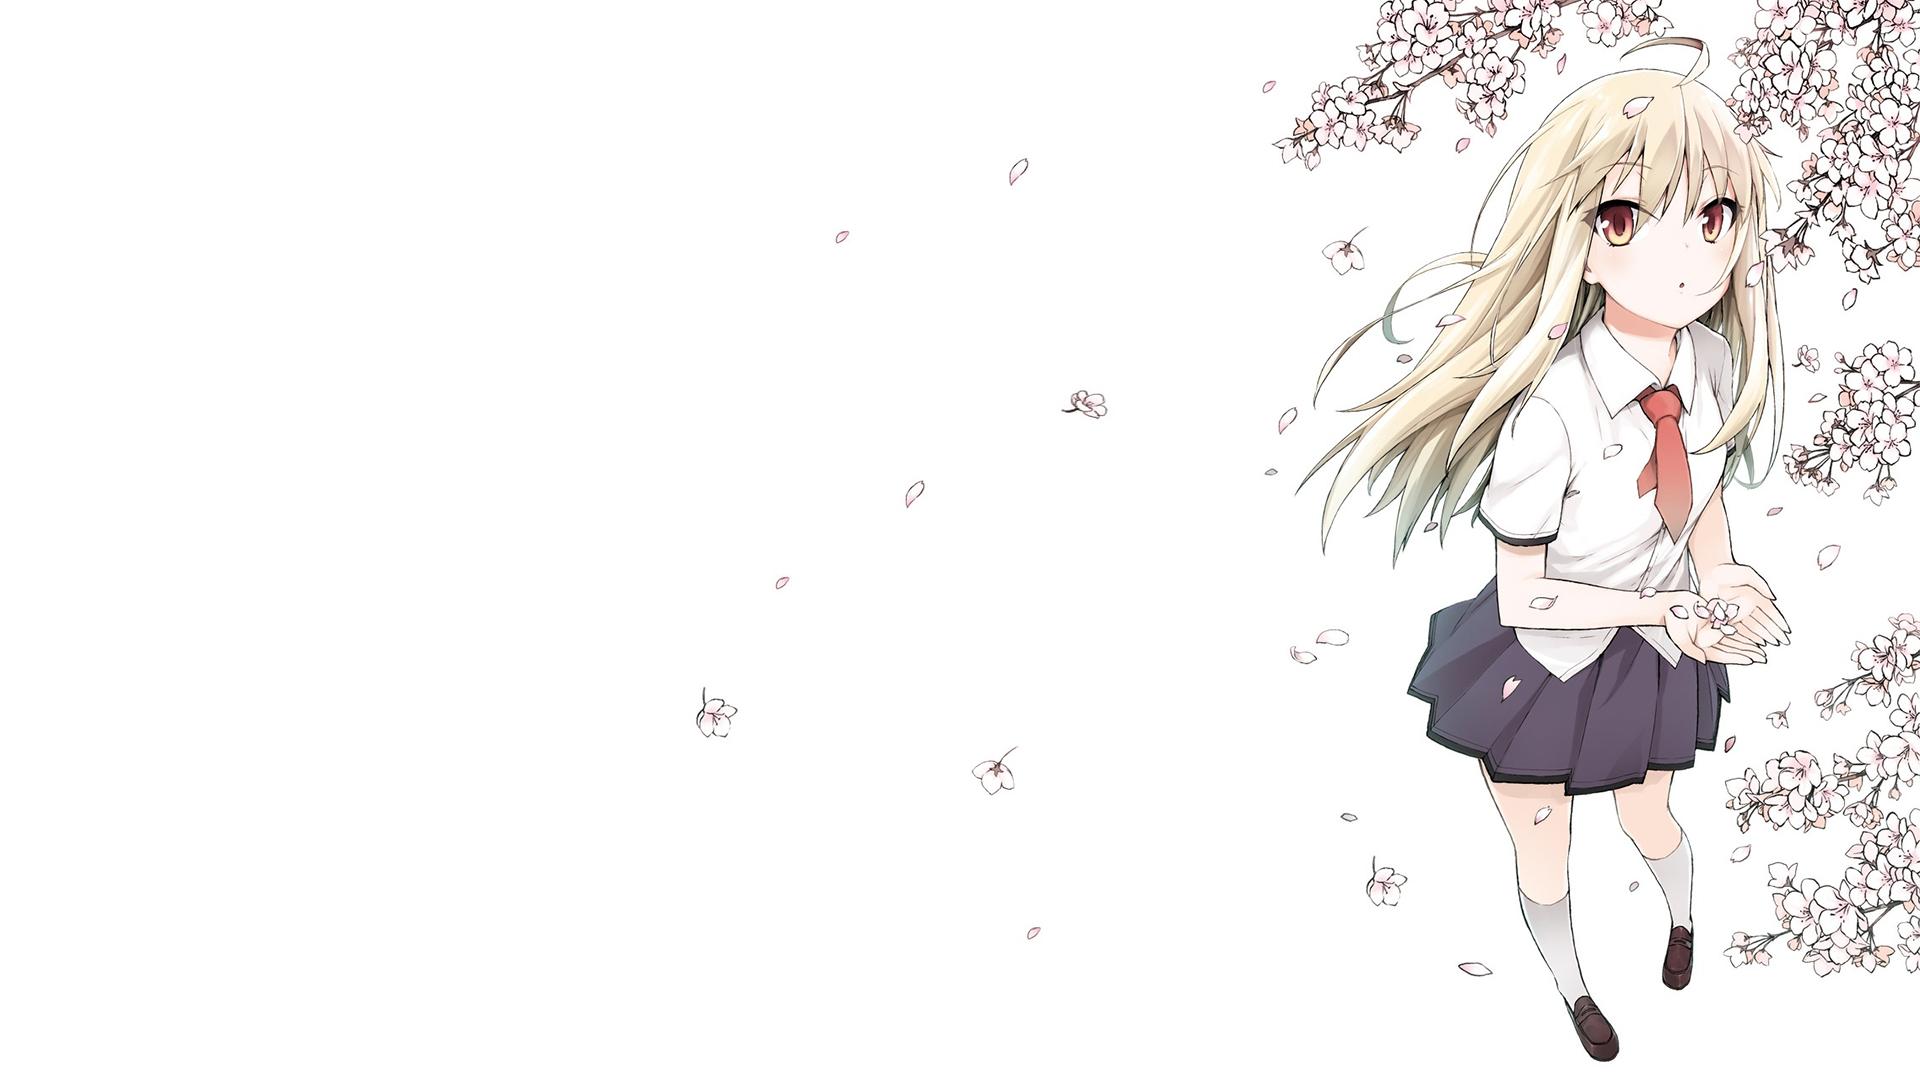 Anime Sakurasou No Pet Na Kanojo Mashiro Shiina Wallpaper